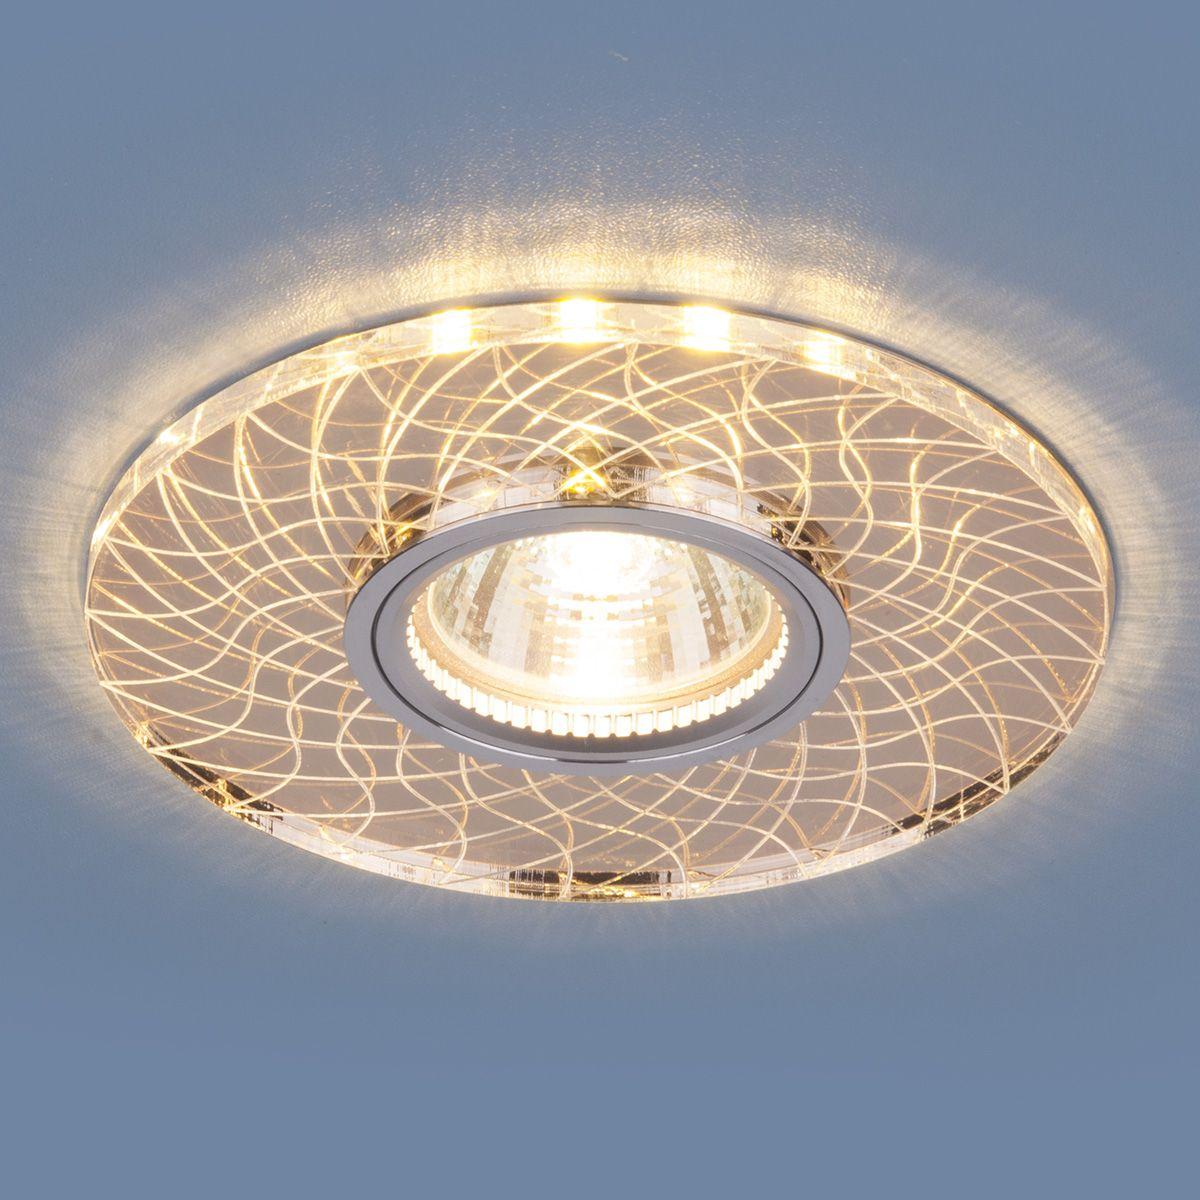 Точечный светильник с LED подсветкой 8091 MR16 SL/GD зеркальный/золотой